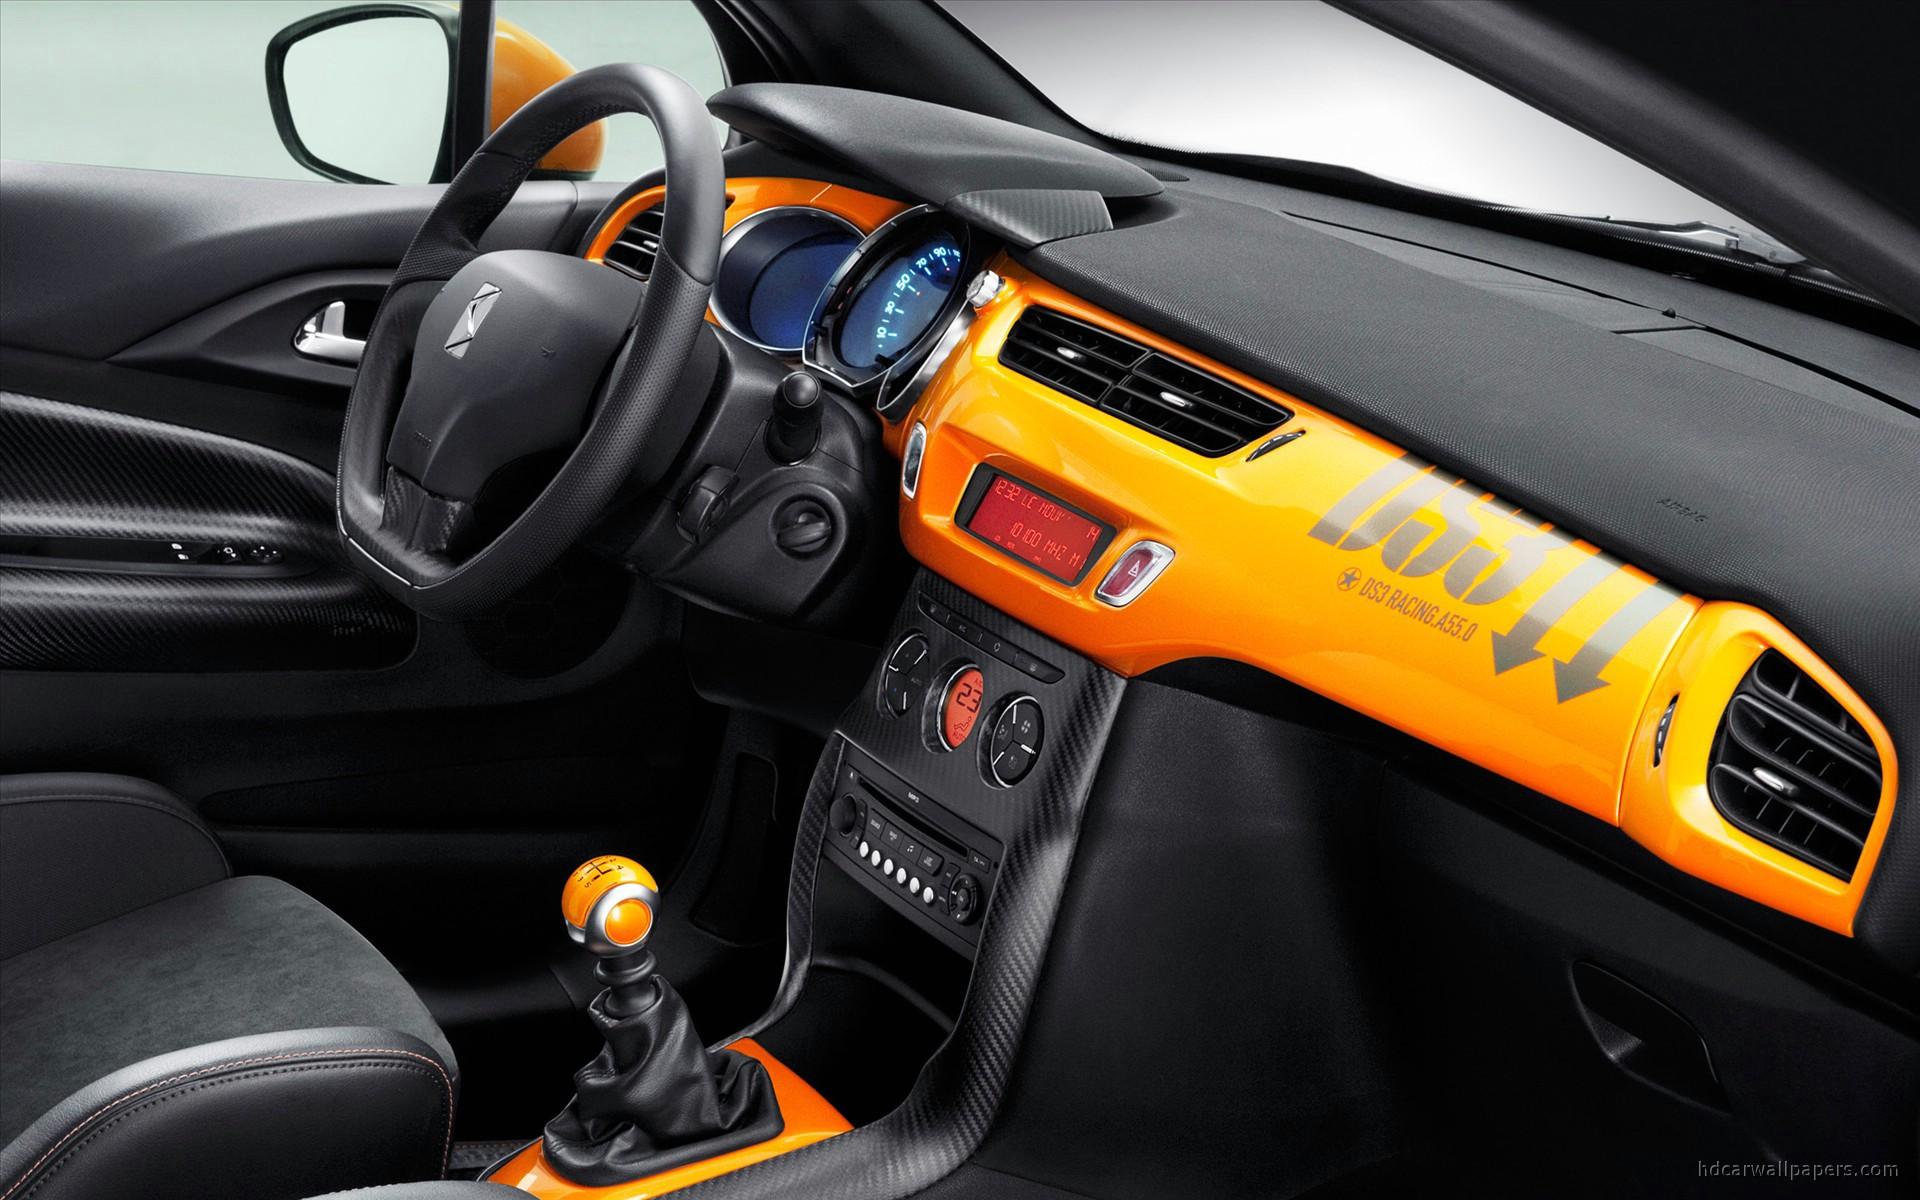 citroen ds3 racing interior wallpaper hd car wallpapers. Black Bedroom Furniture Sets. Home Design Ideas